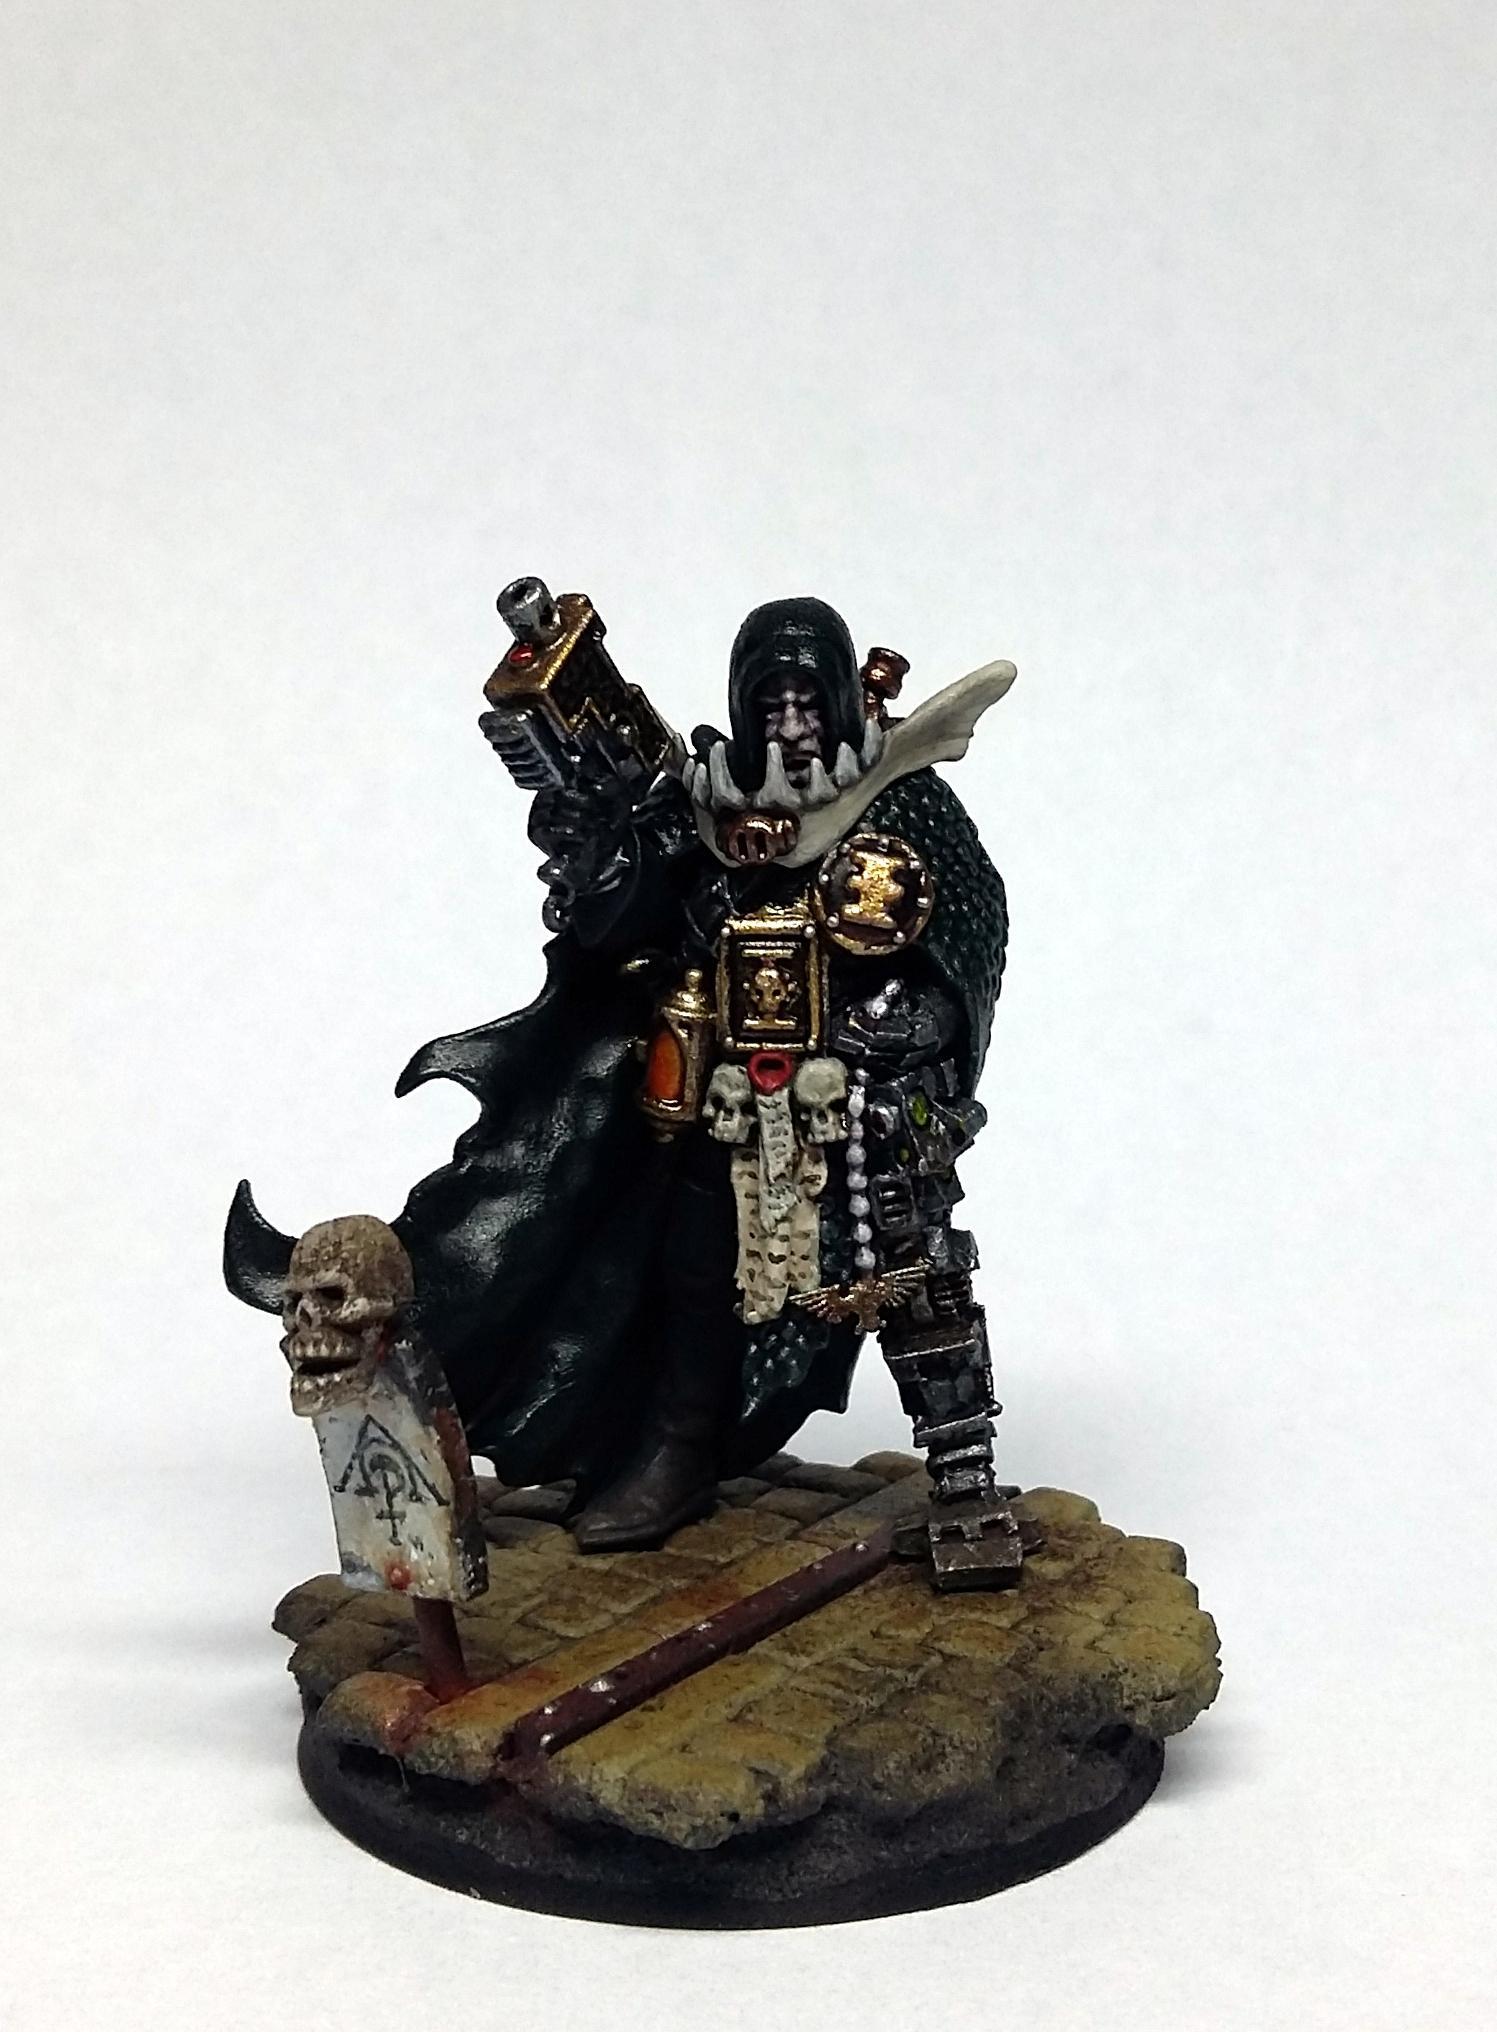 Cultist, Inquisitor, Ordo Scriptorum, Pilgrims, Pilgrym, Scribe